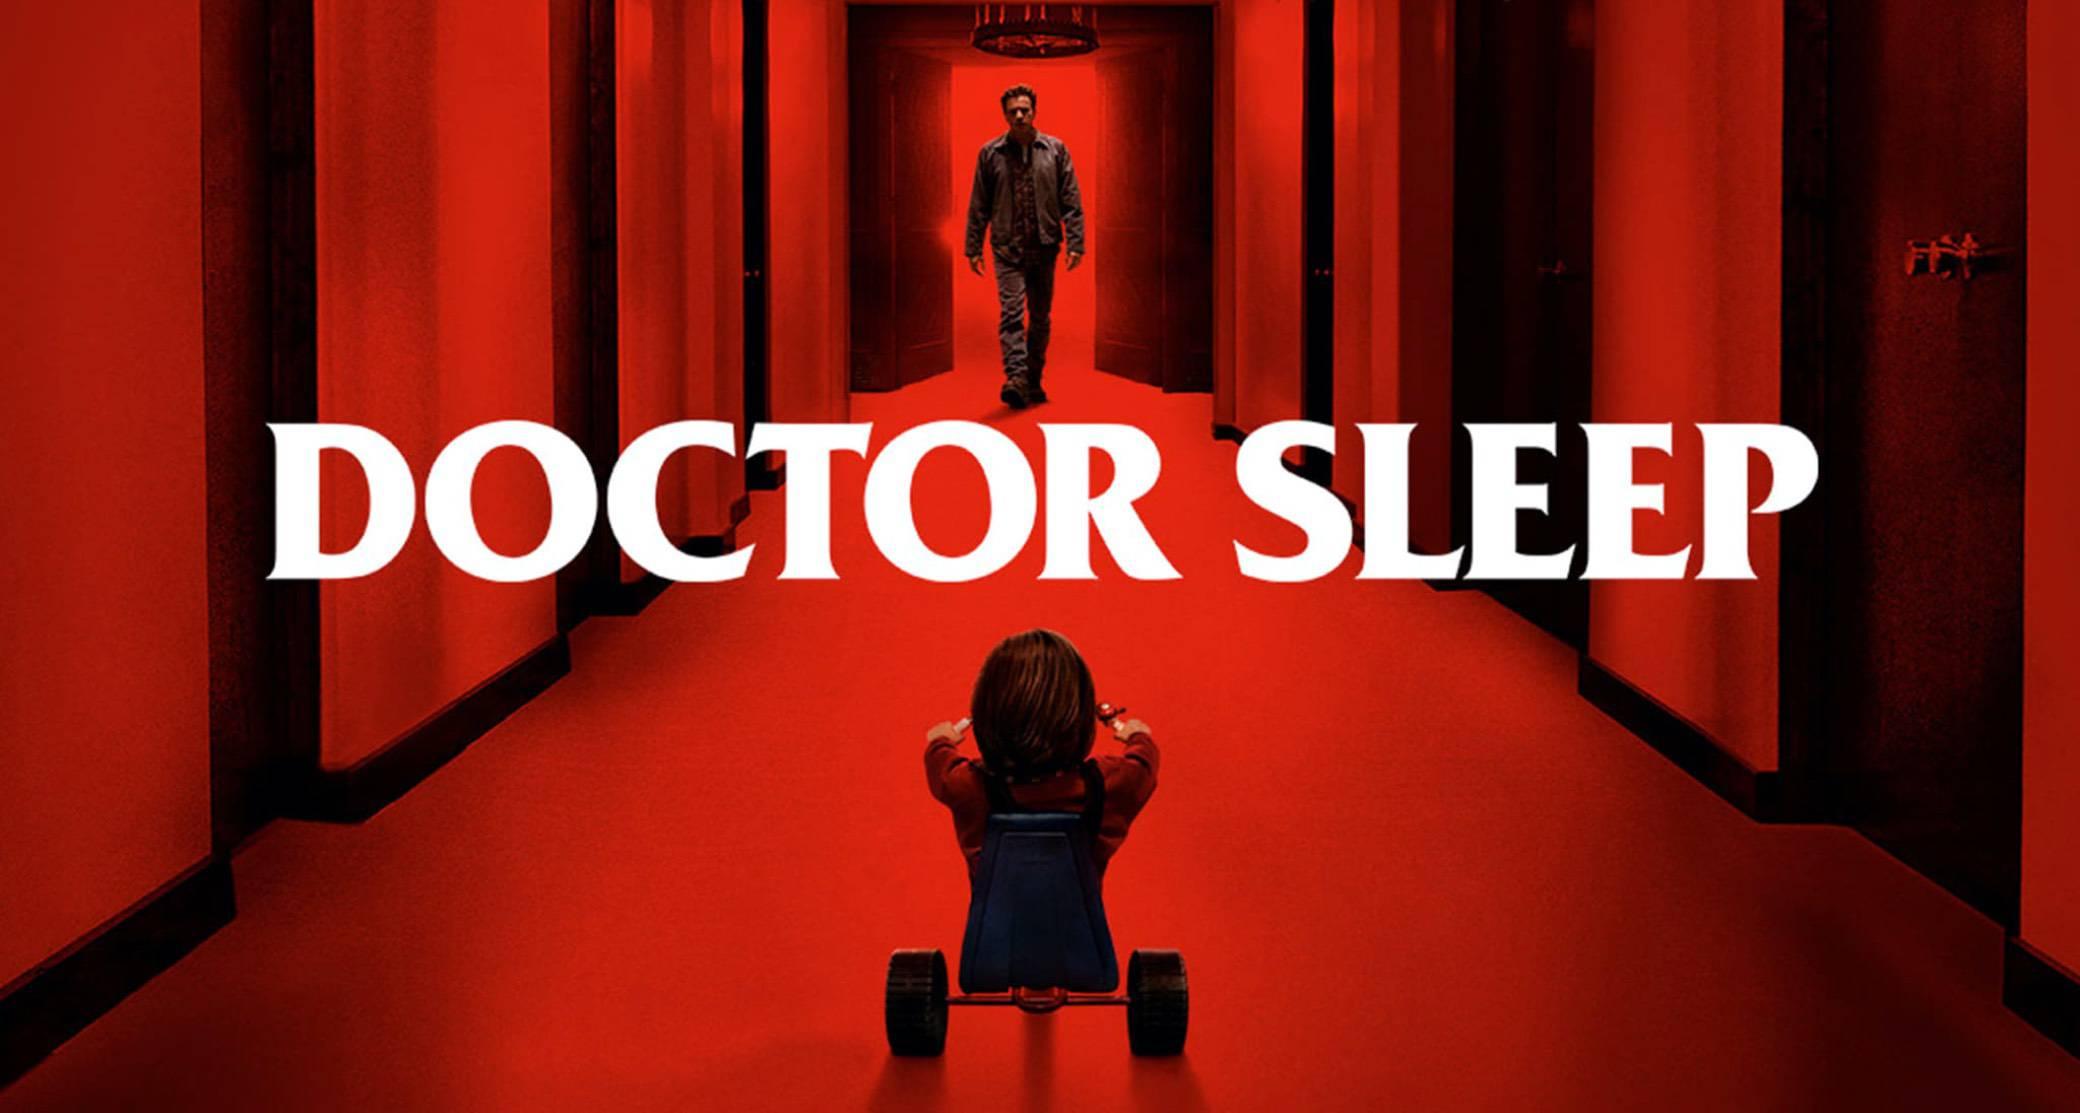 doctor-sleep image